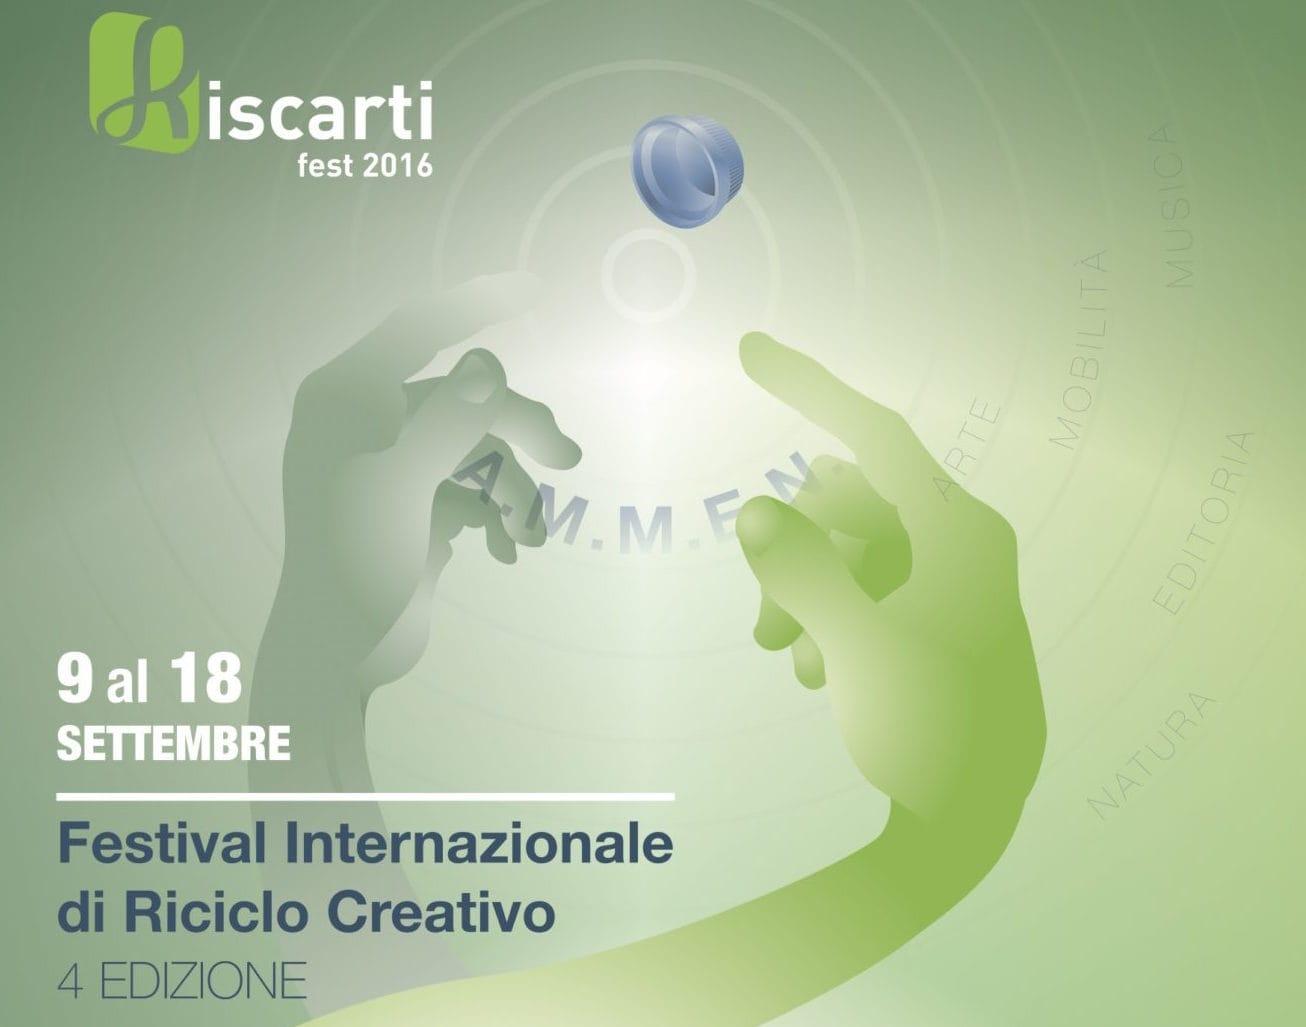 FESTIVAL DI RICICLO CREATIVO